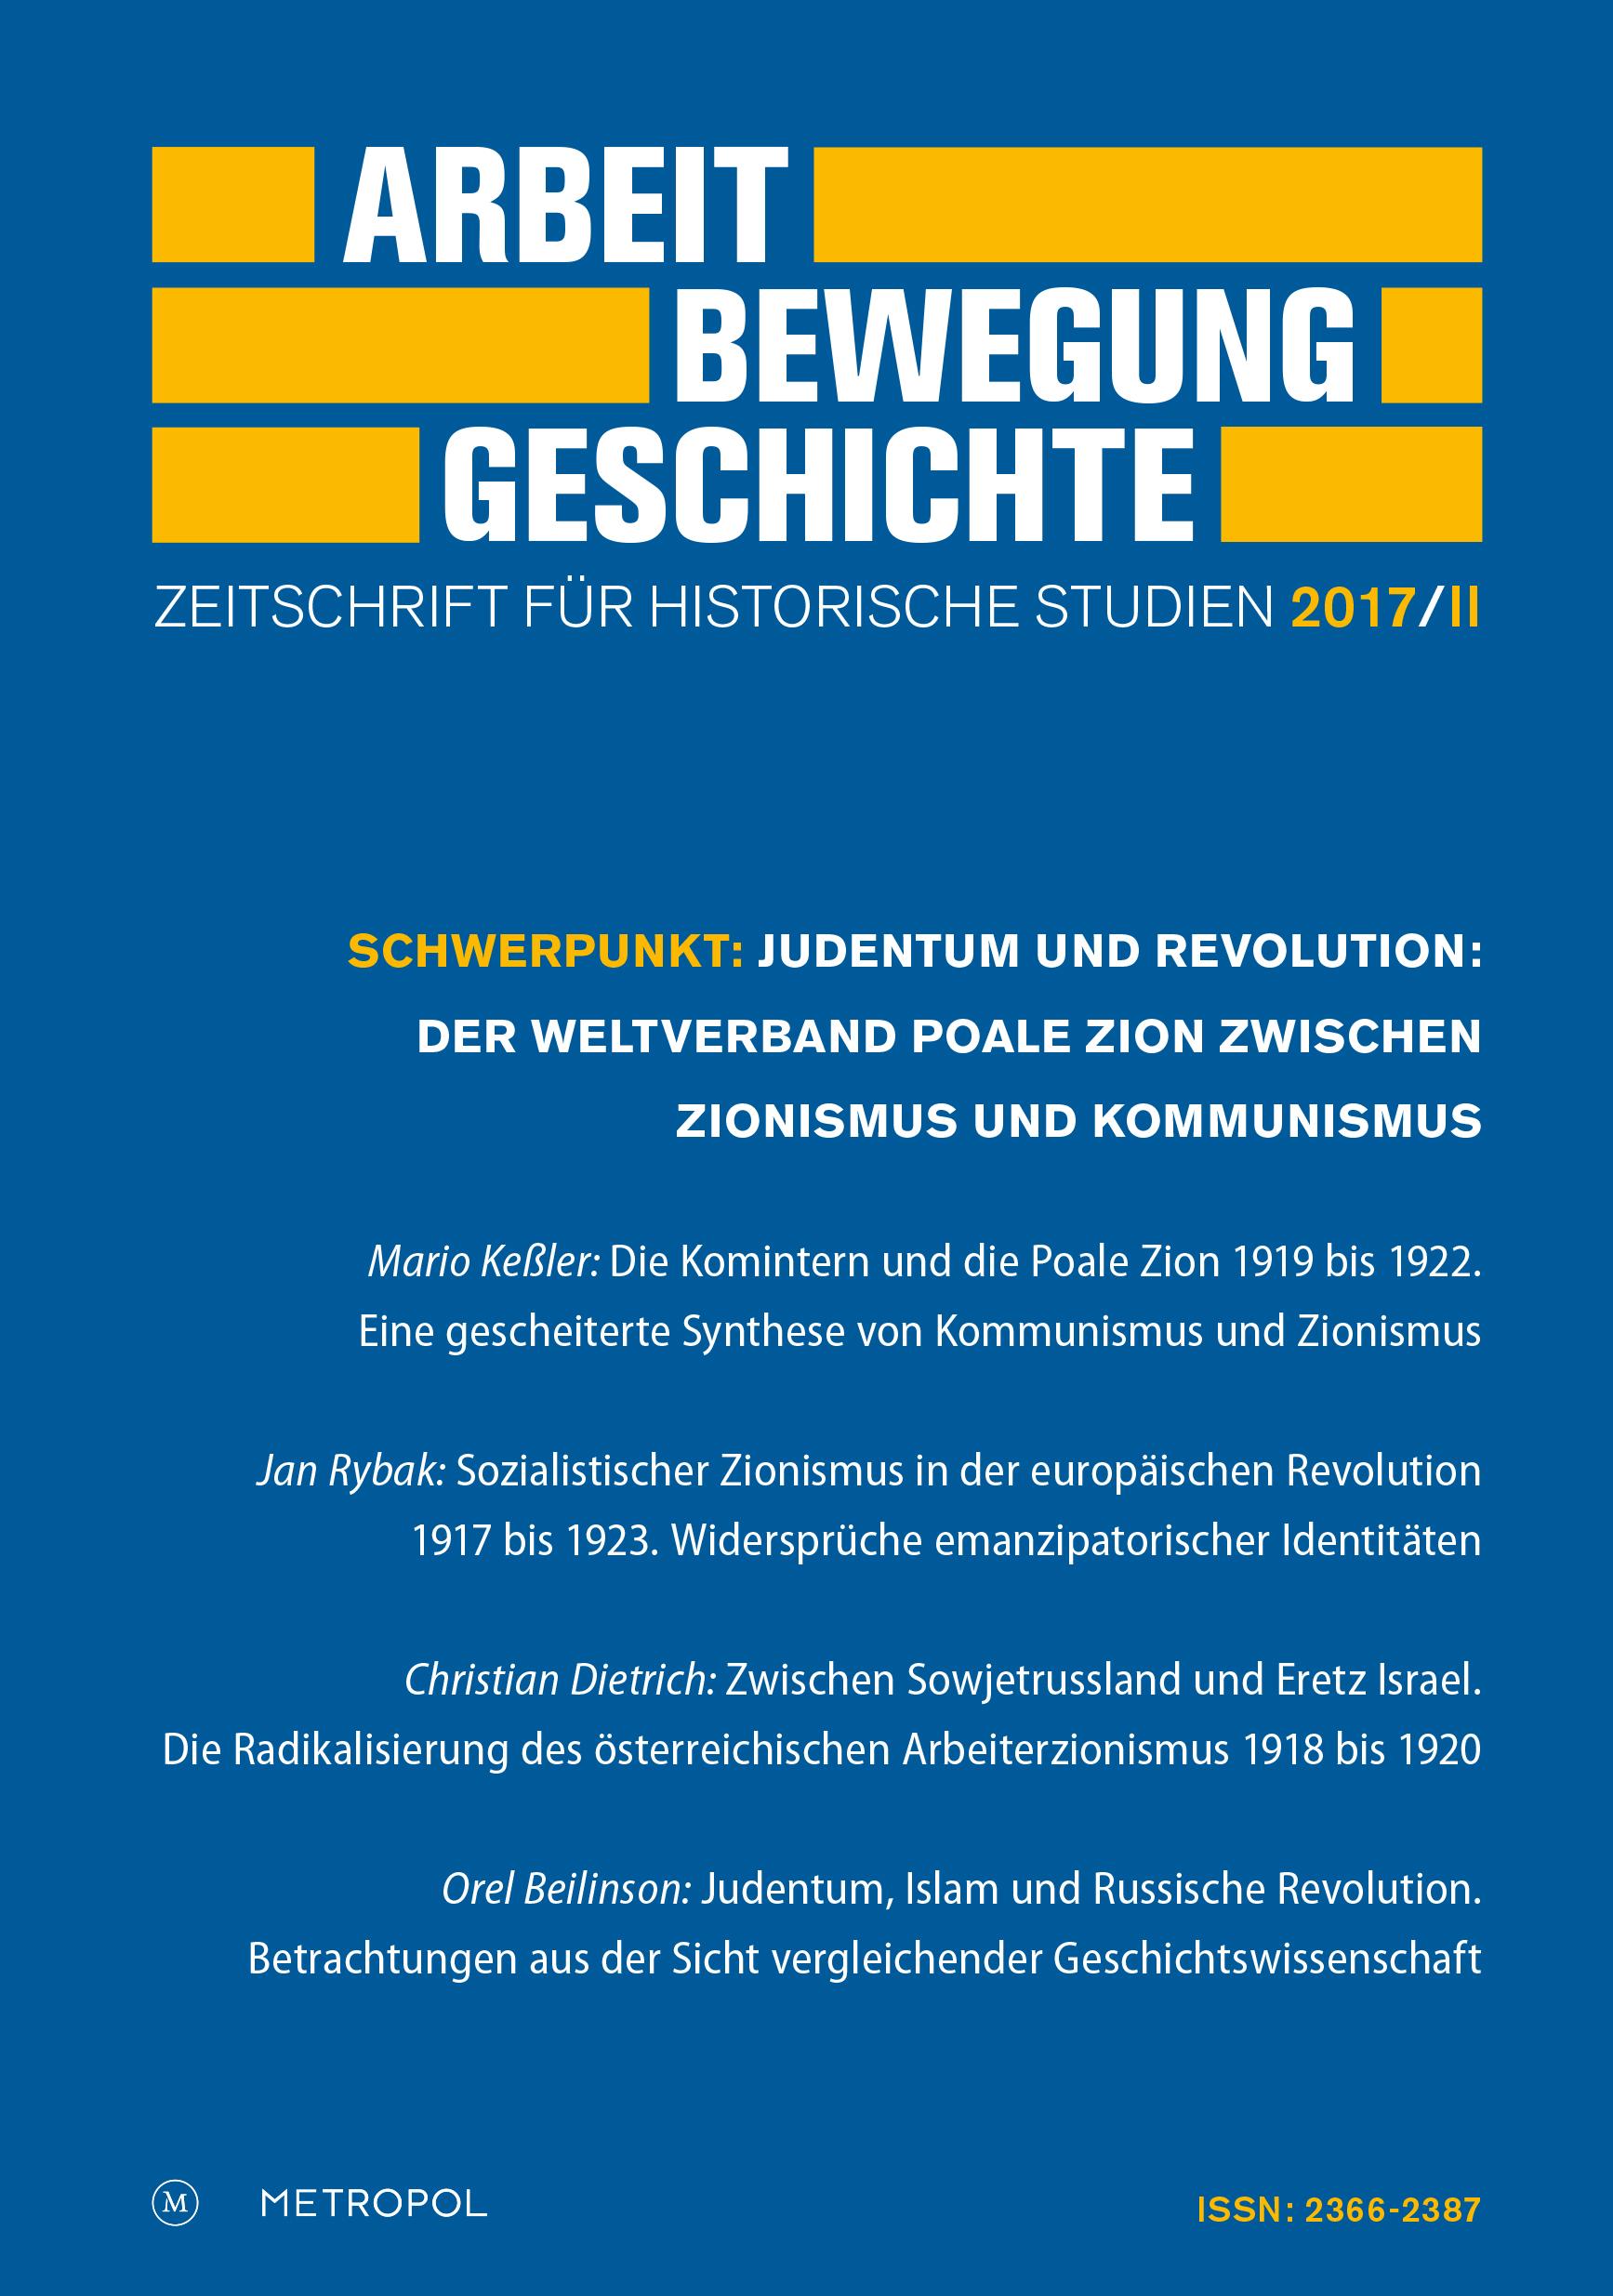 Arbeit - Bewegung - Geschichte,